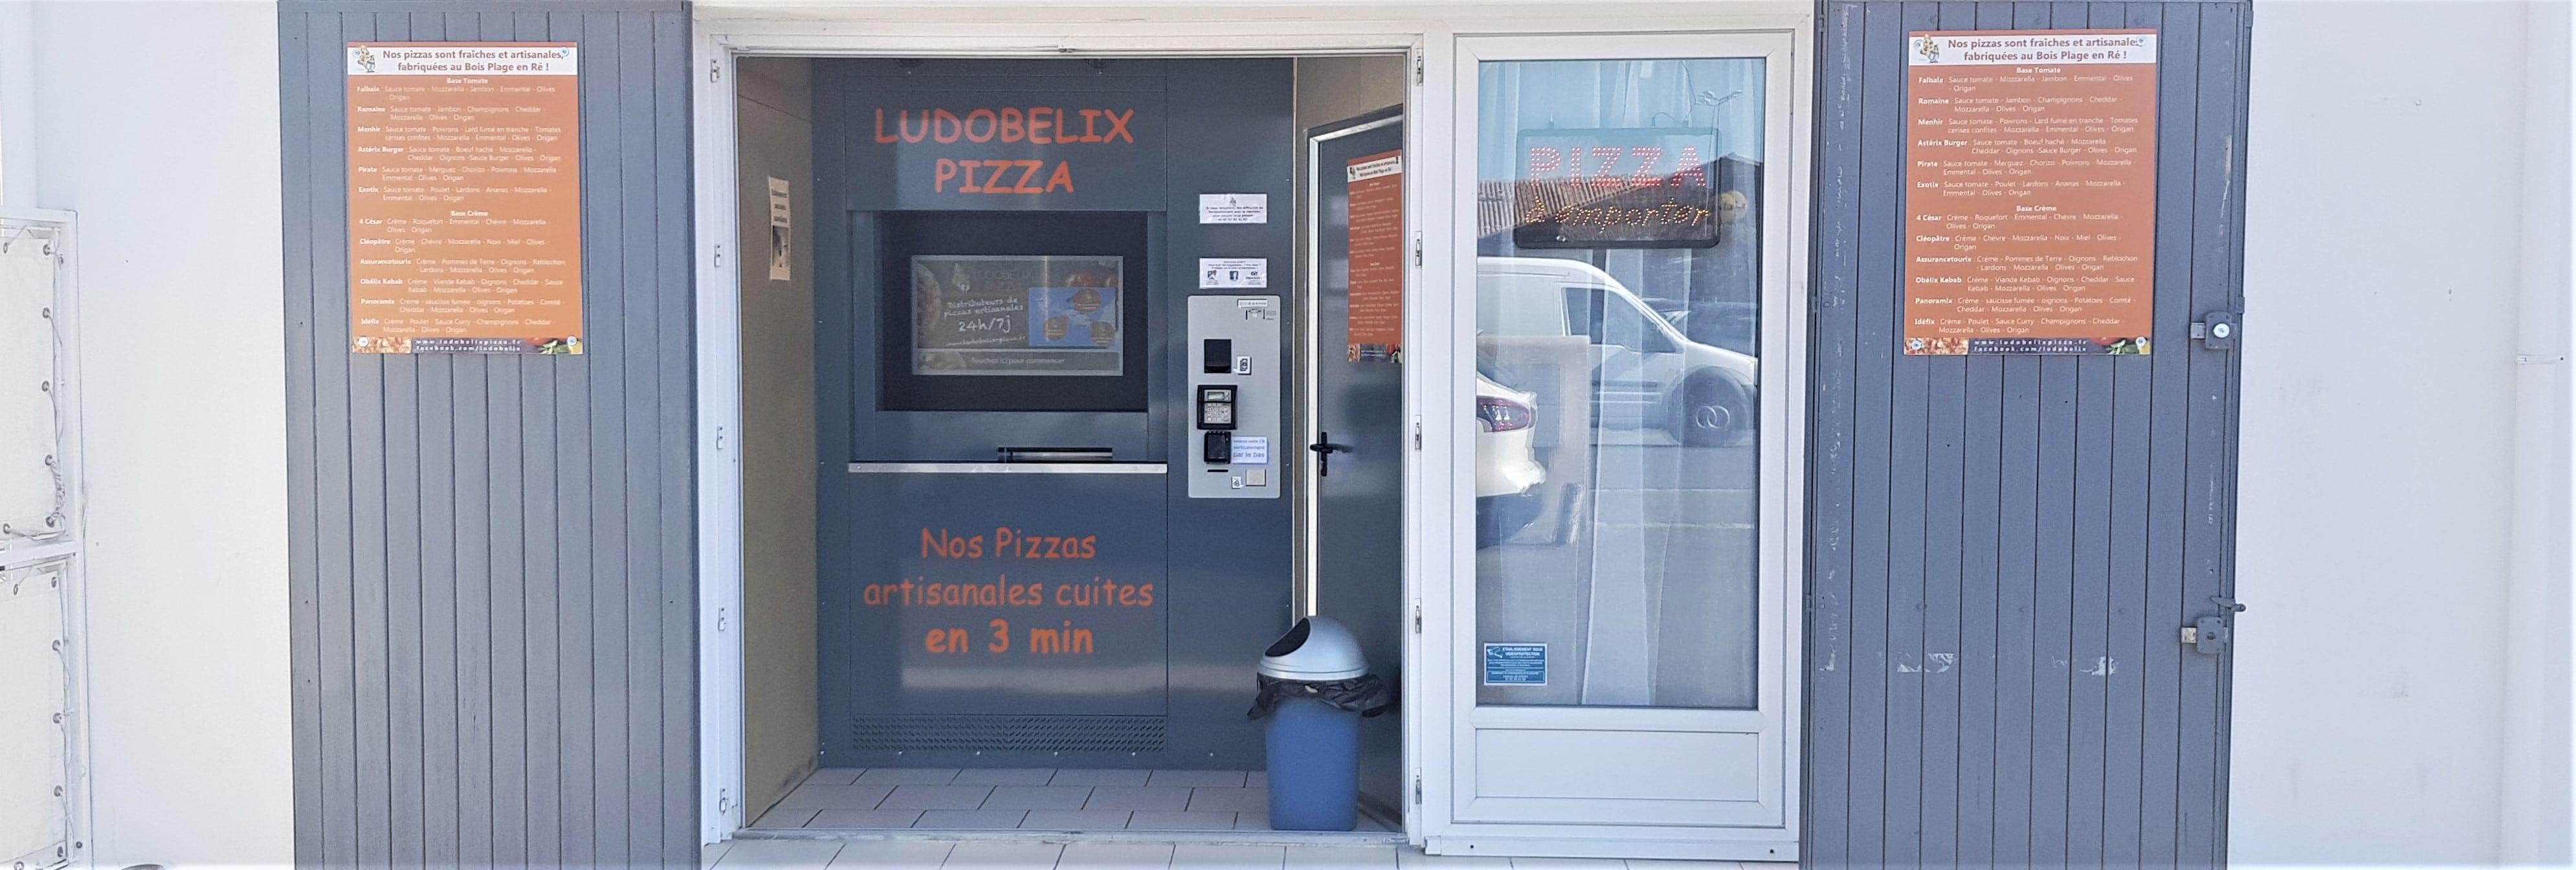 Nouvelle implantation d'un distributeur automatique de pizzas ludobelix charente maritime 2019